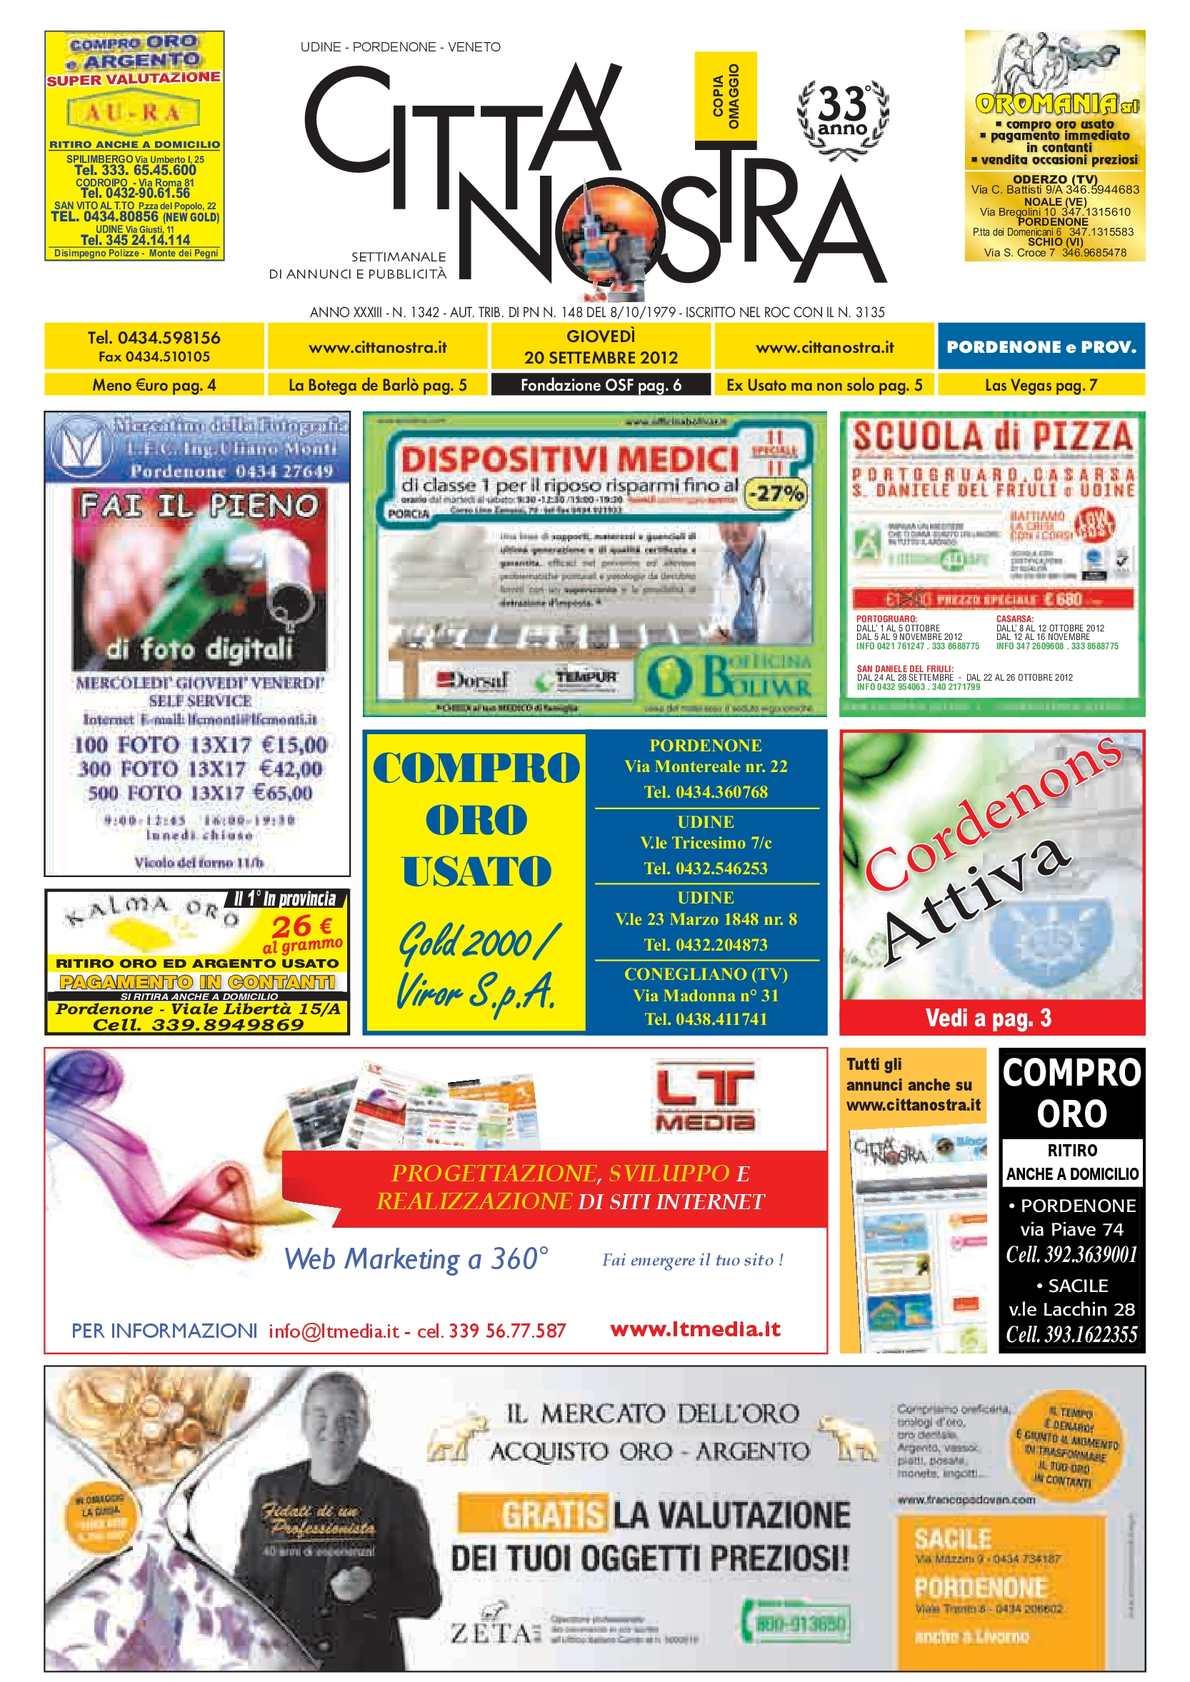 Health & Grooming Precise Pannolini Lavabili Pocket Chiusura Velcro Lotto 10 Pannolini 10 Inserti Baby